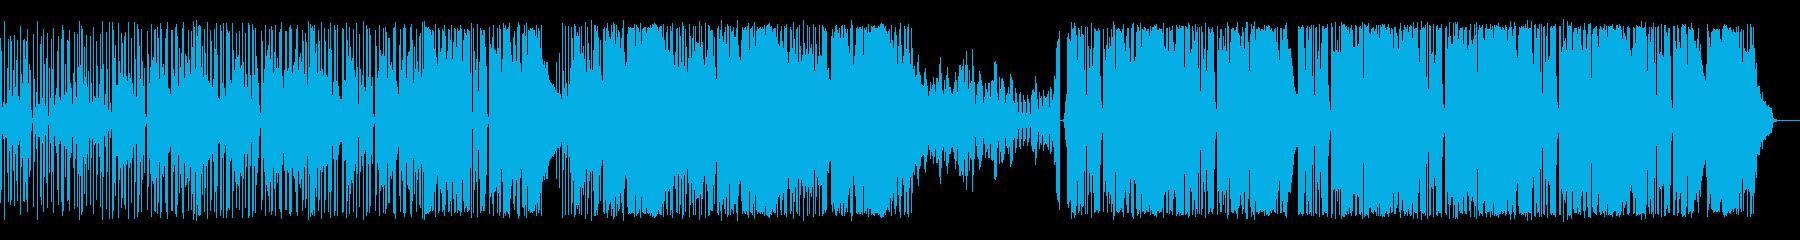 エキサイティングな尾行の場面の再生済みの波形